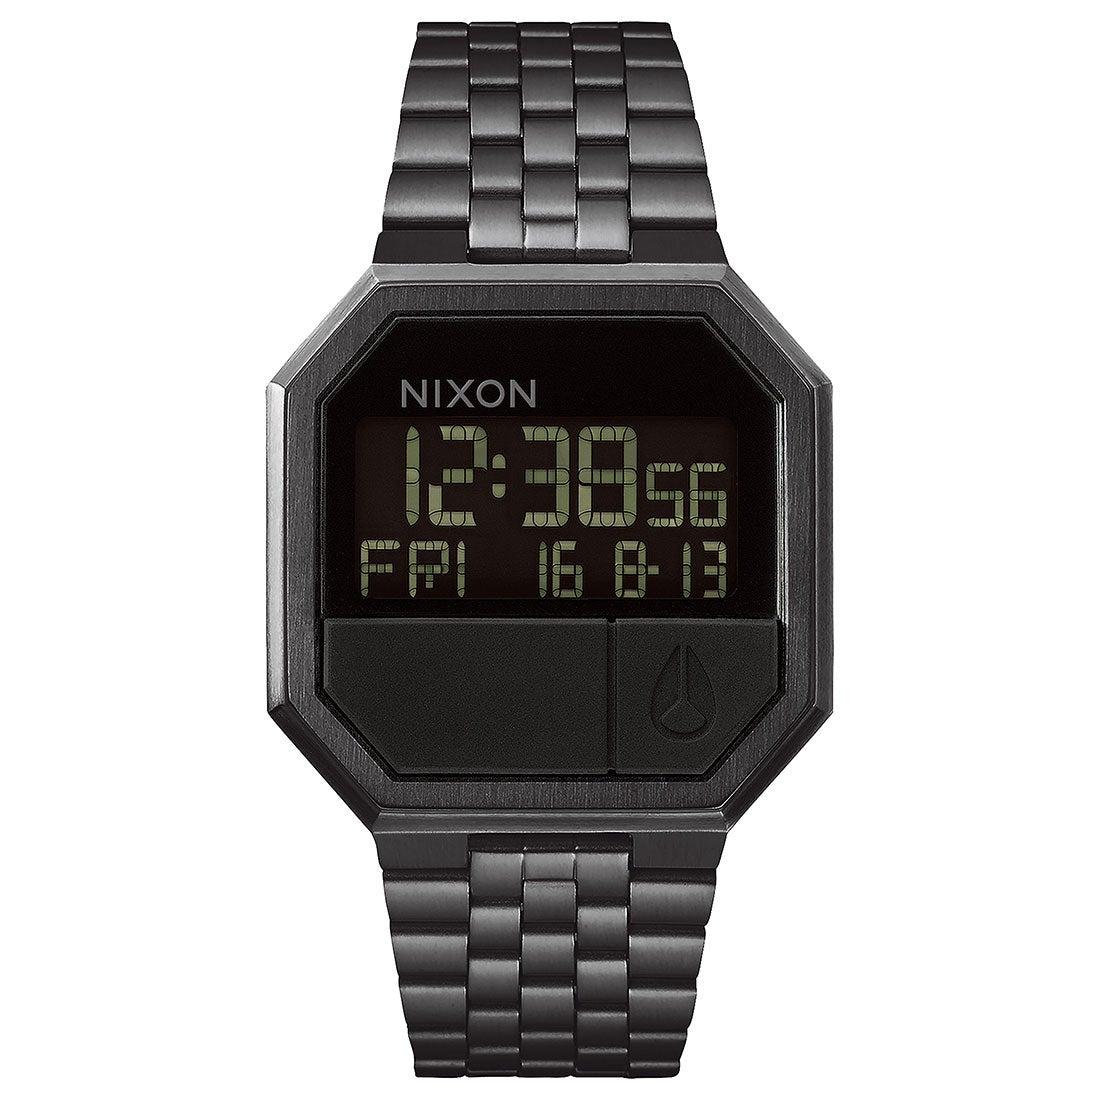 ロコンド 靴とファッションの通販サイトニクソン NIXON Re-Run (All Black)